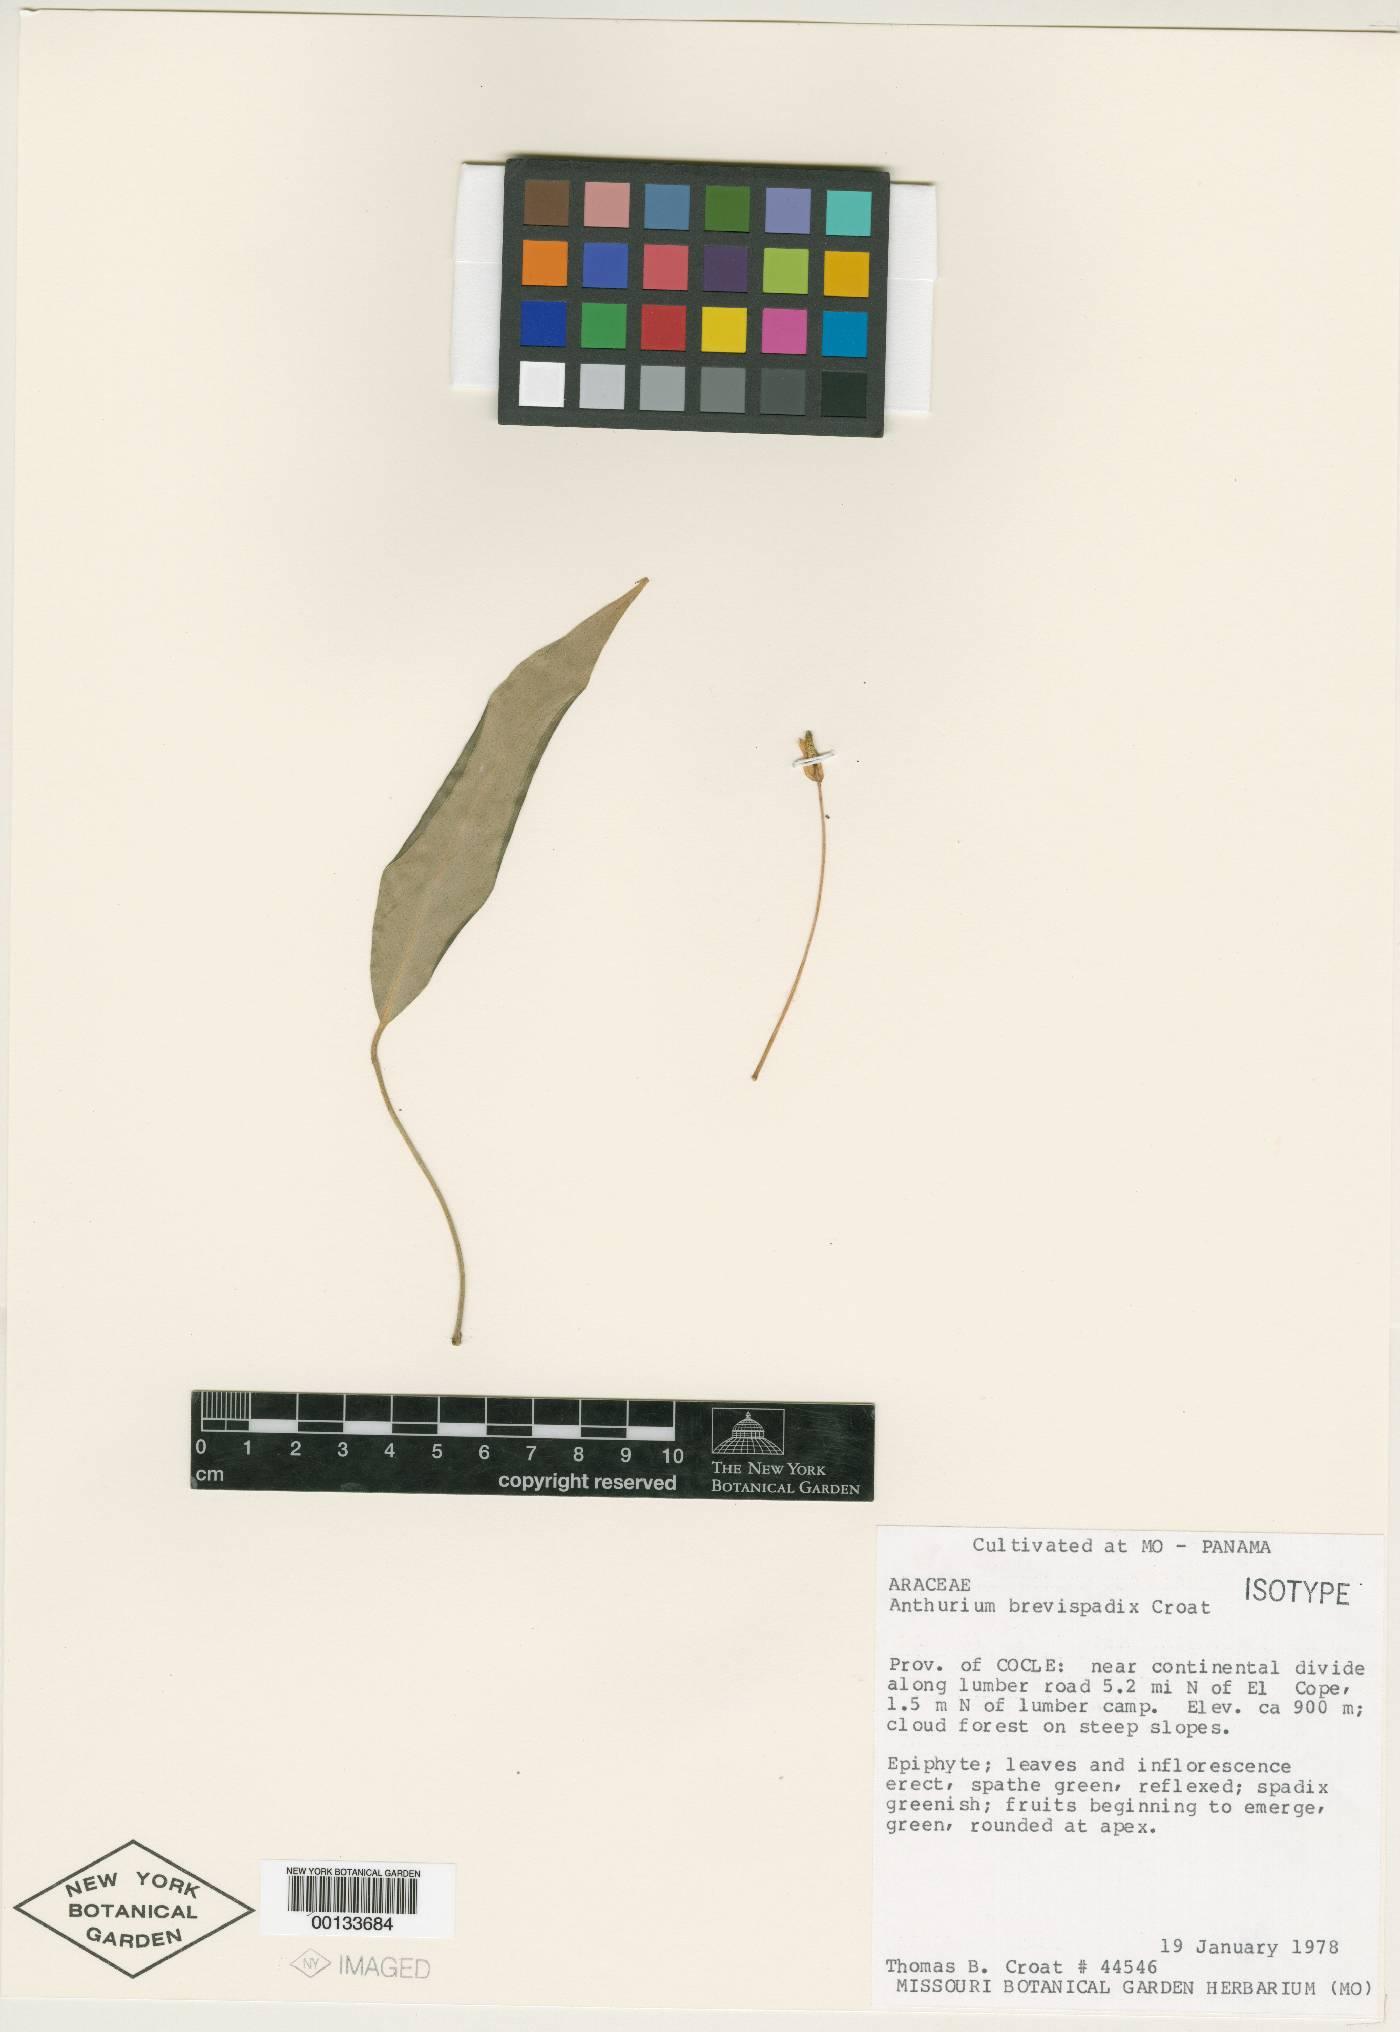 Anthurium brevispadix image